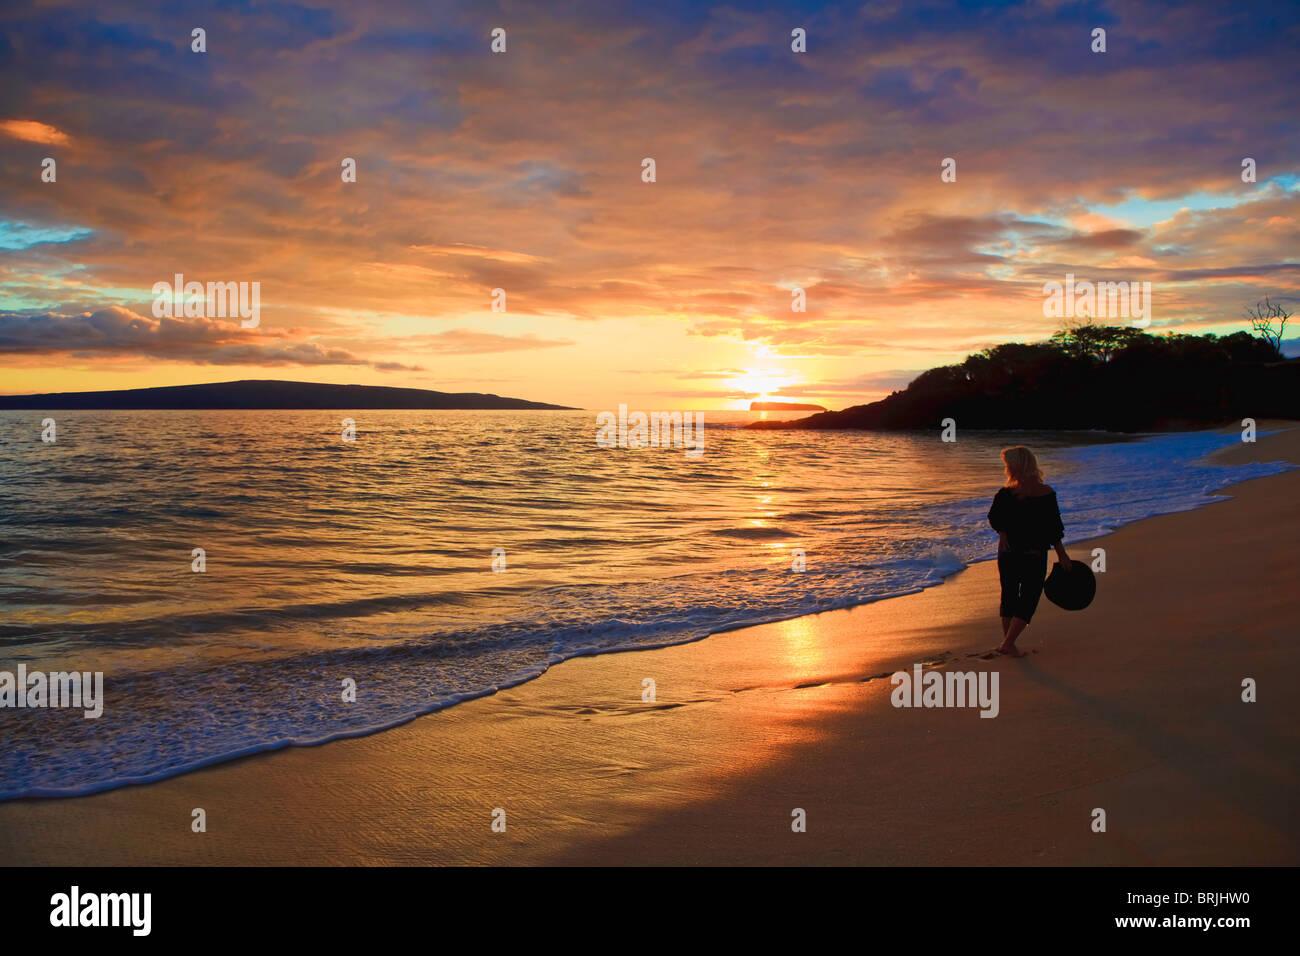 Beau moyen age femme marche sur la rive seule sur la plage de Maui Makena, au coucher du soleil Photo Stock